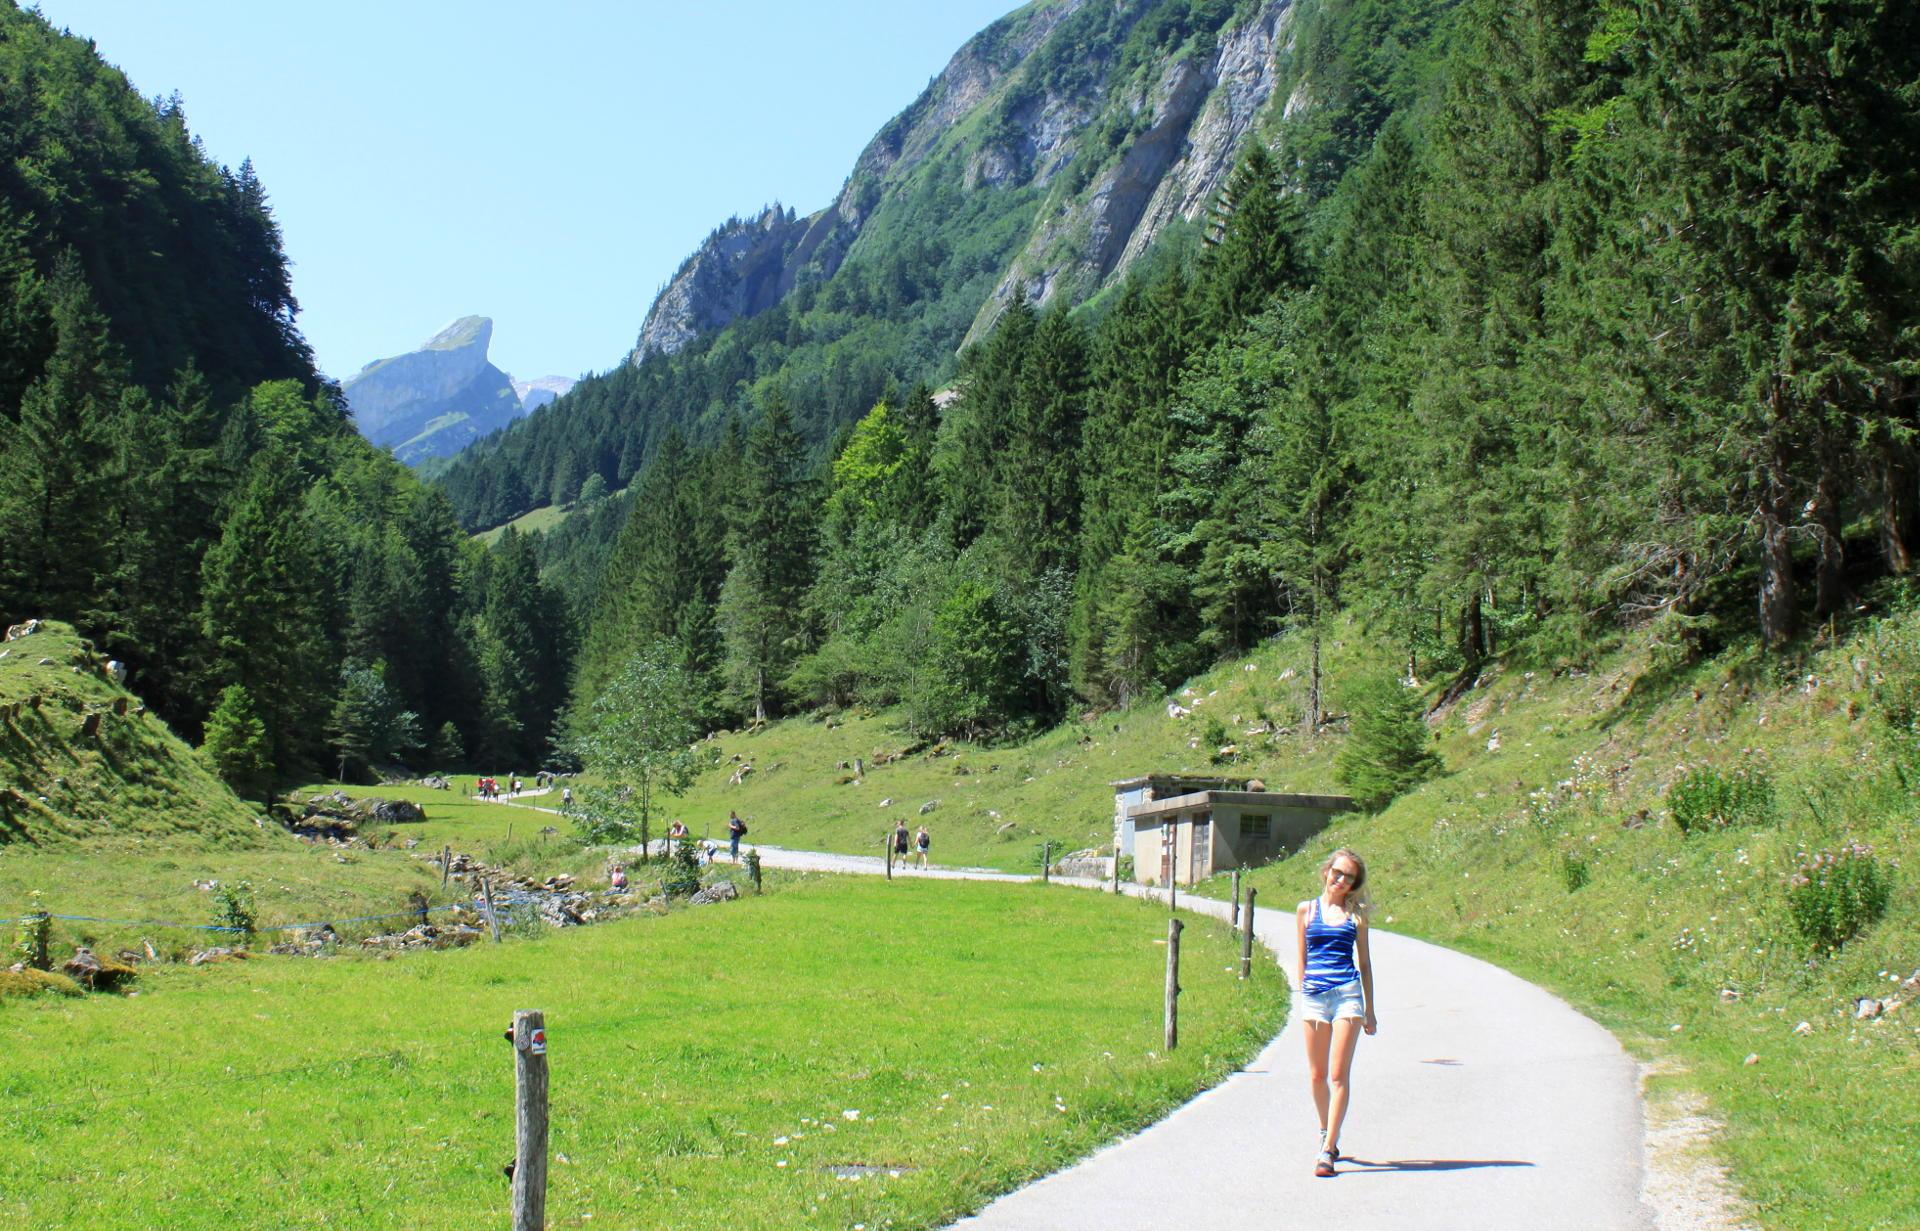 szwajcaria seealpsee góry alpy widok iglawpodrozy